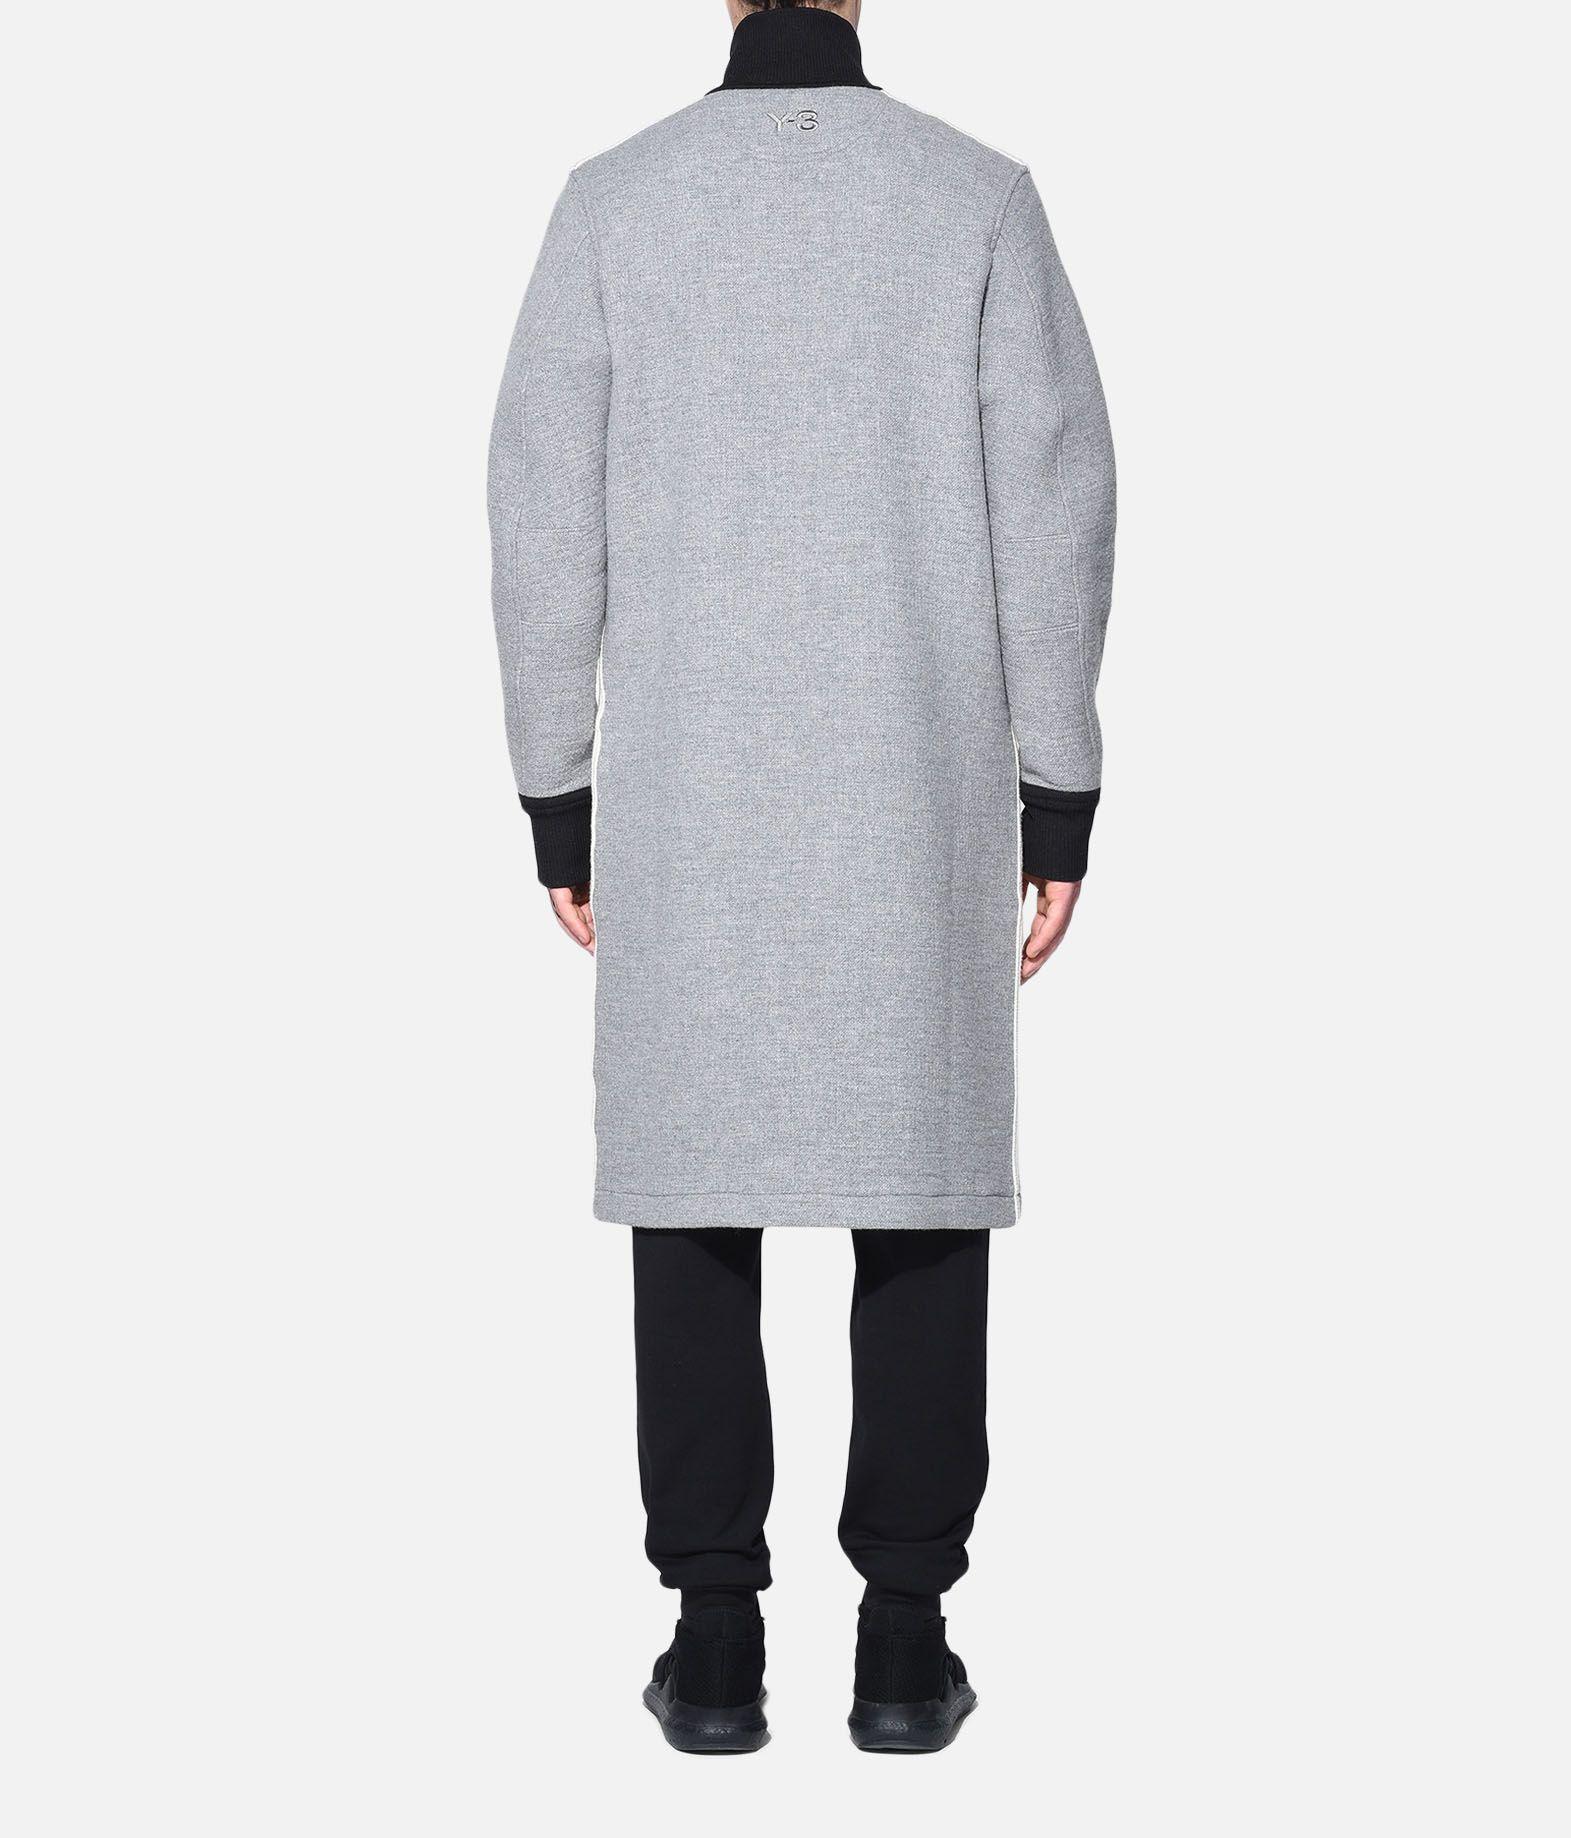 Y-3 Y-3 Spacer Wool Coat コート メンズ d